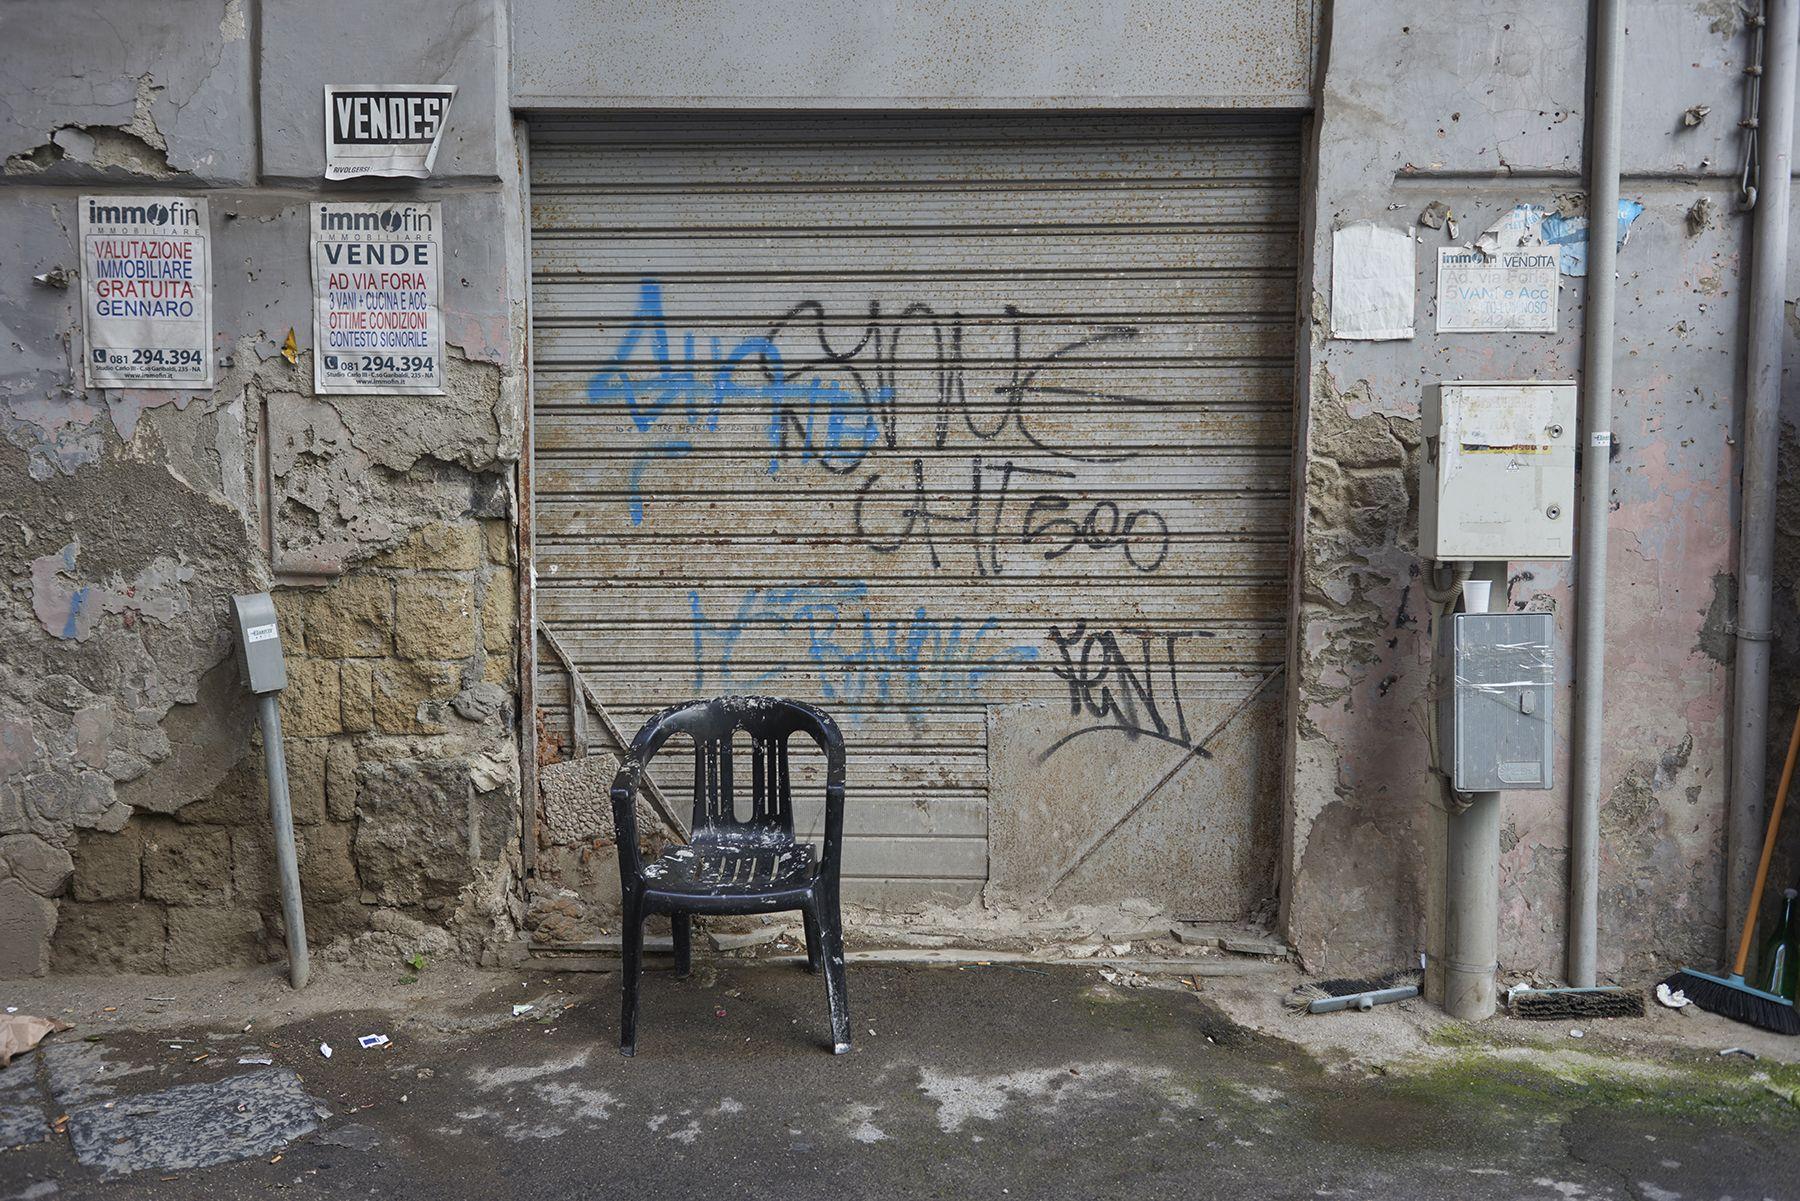 Callejón con silla